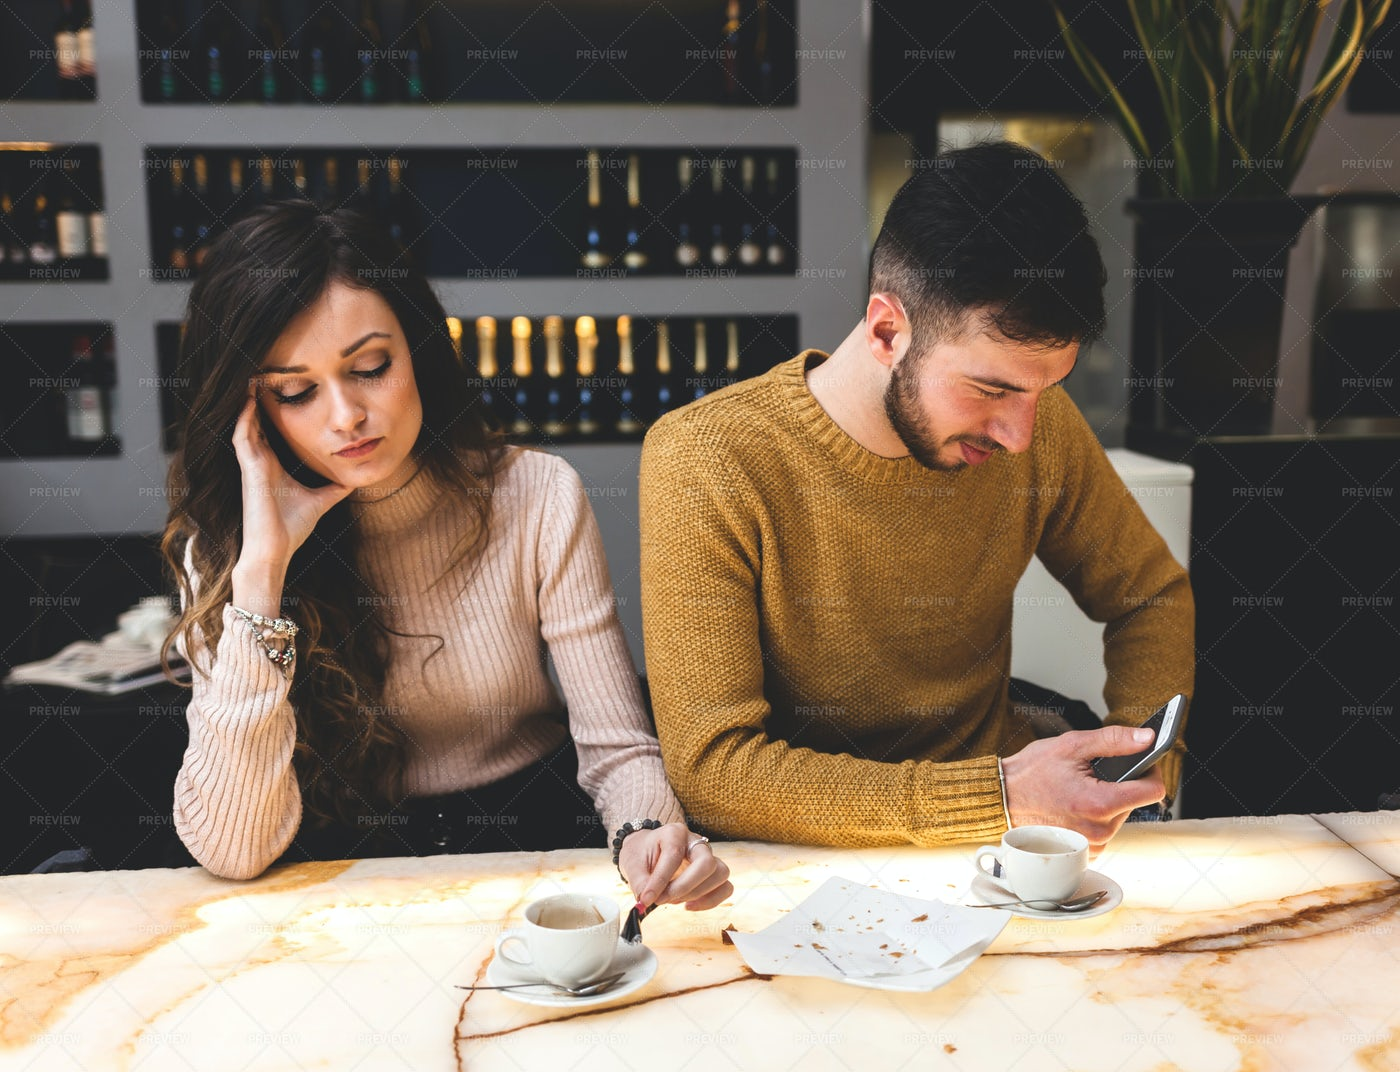 Sad Couple On A Bar: Stock Photos